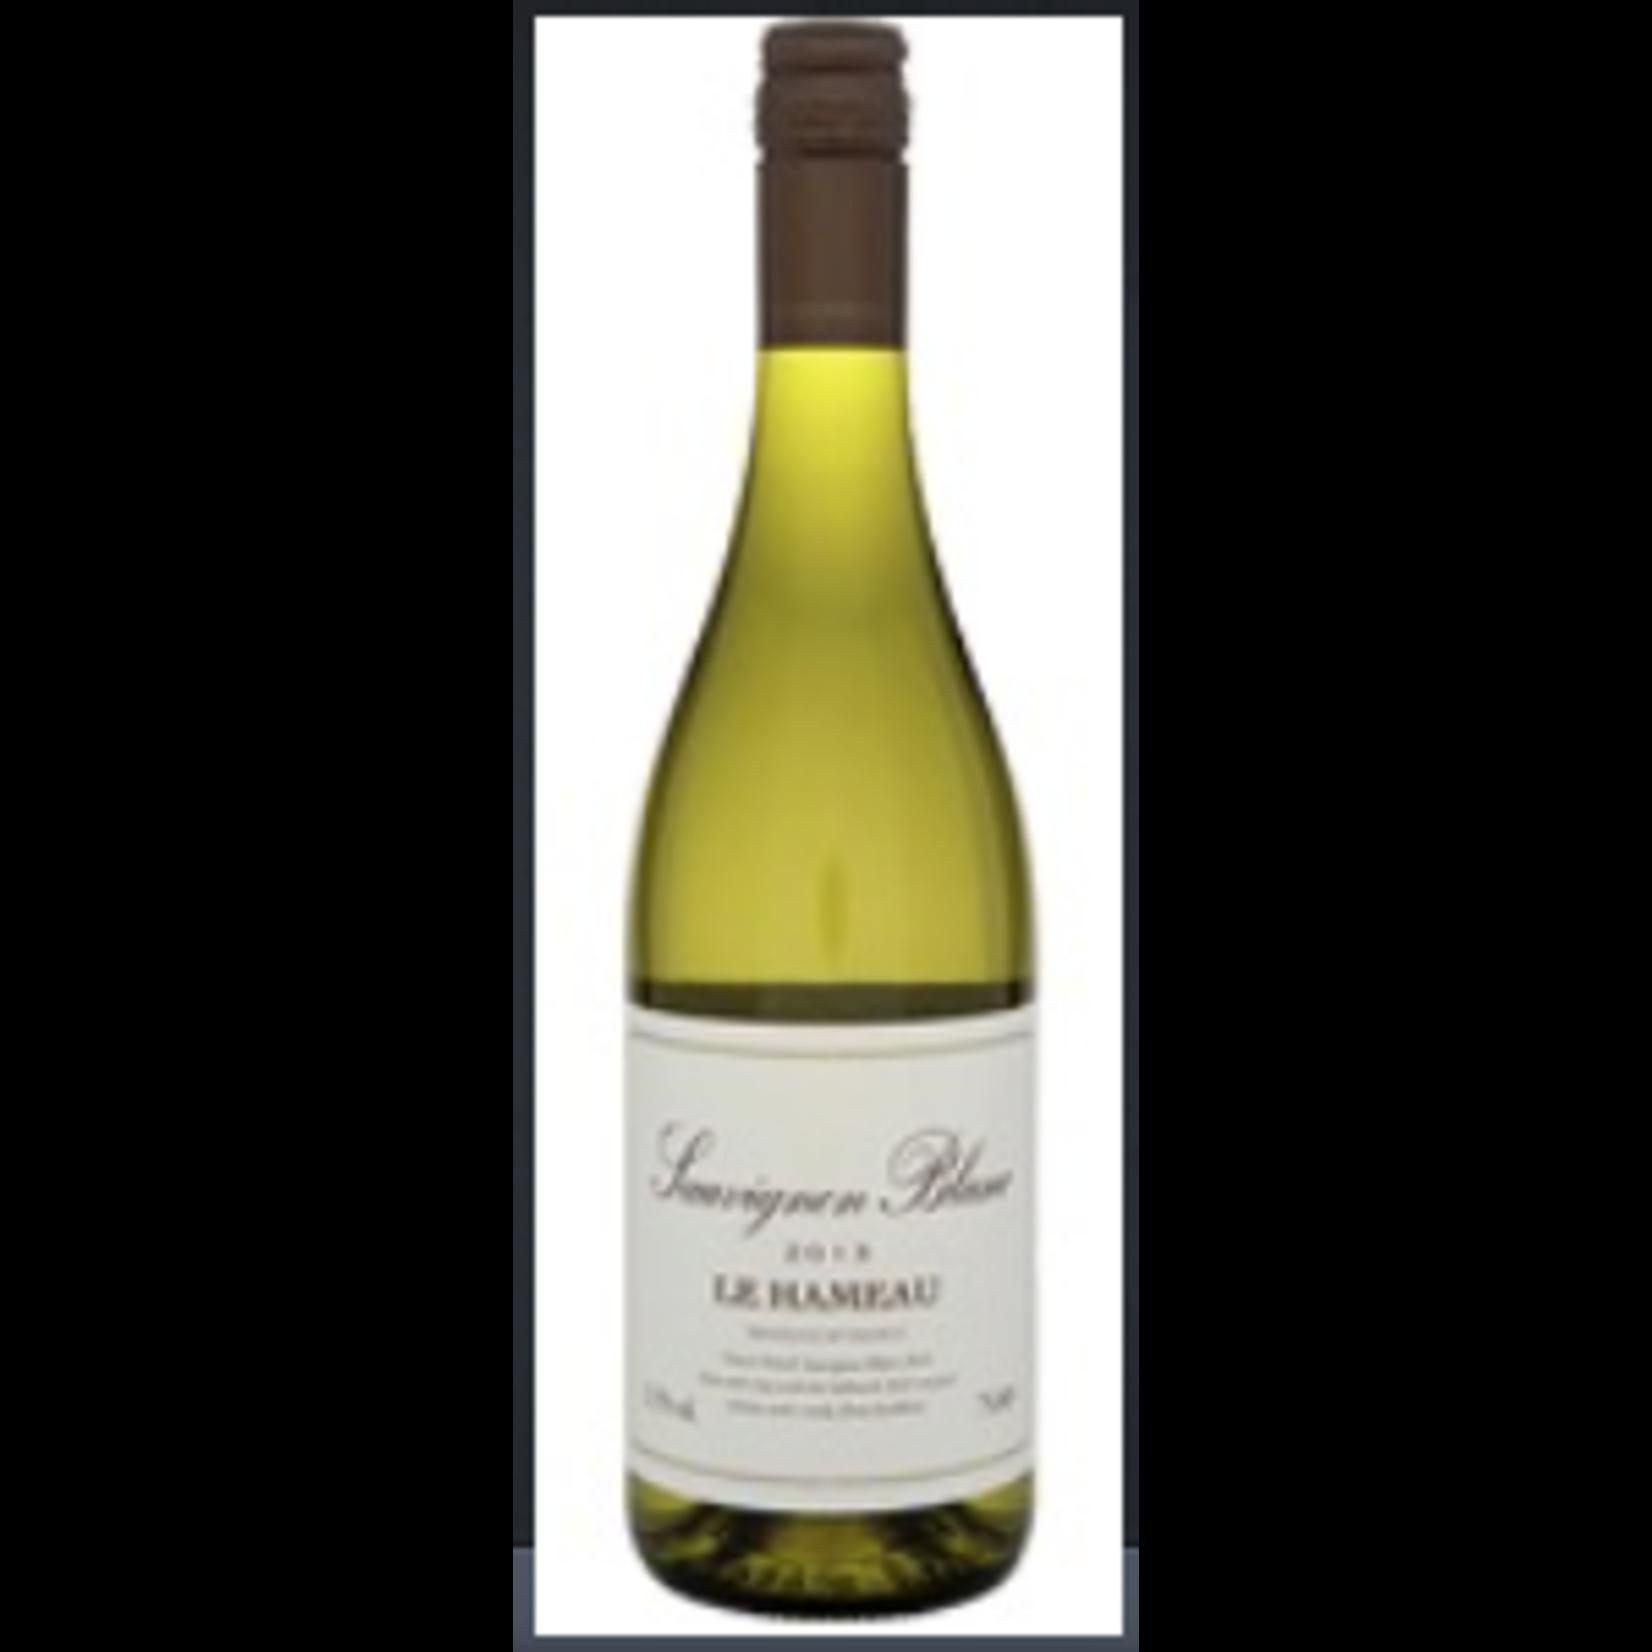 Le Hameau Grandissime Le Hameau Sauvignon Blanc 2020 Languedoc, France